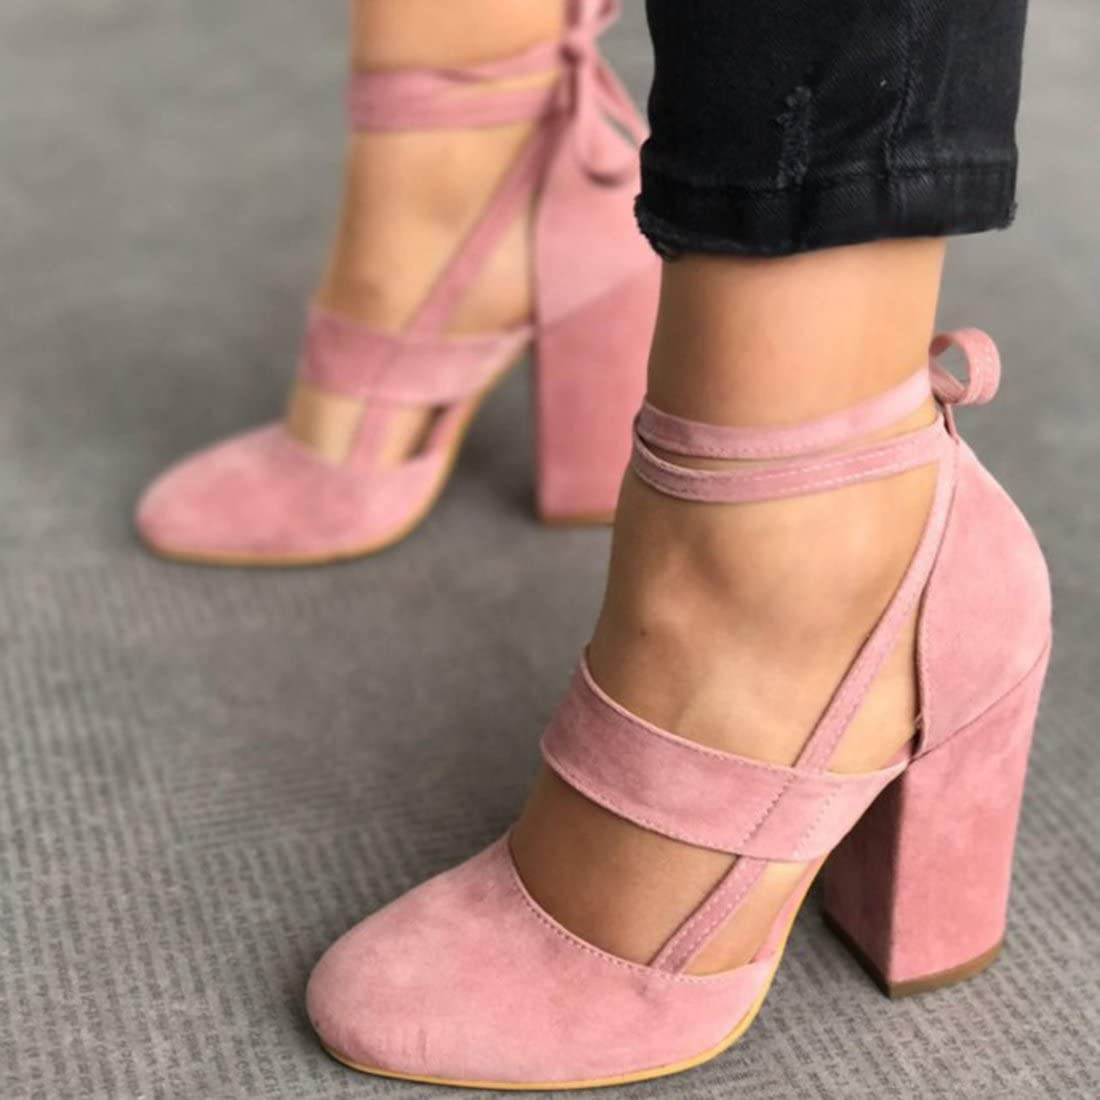 ladies black pumps size 7